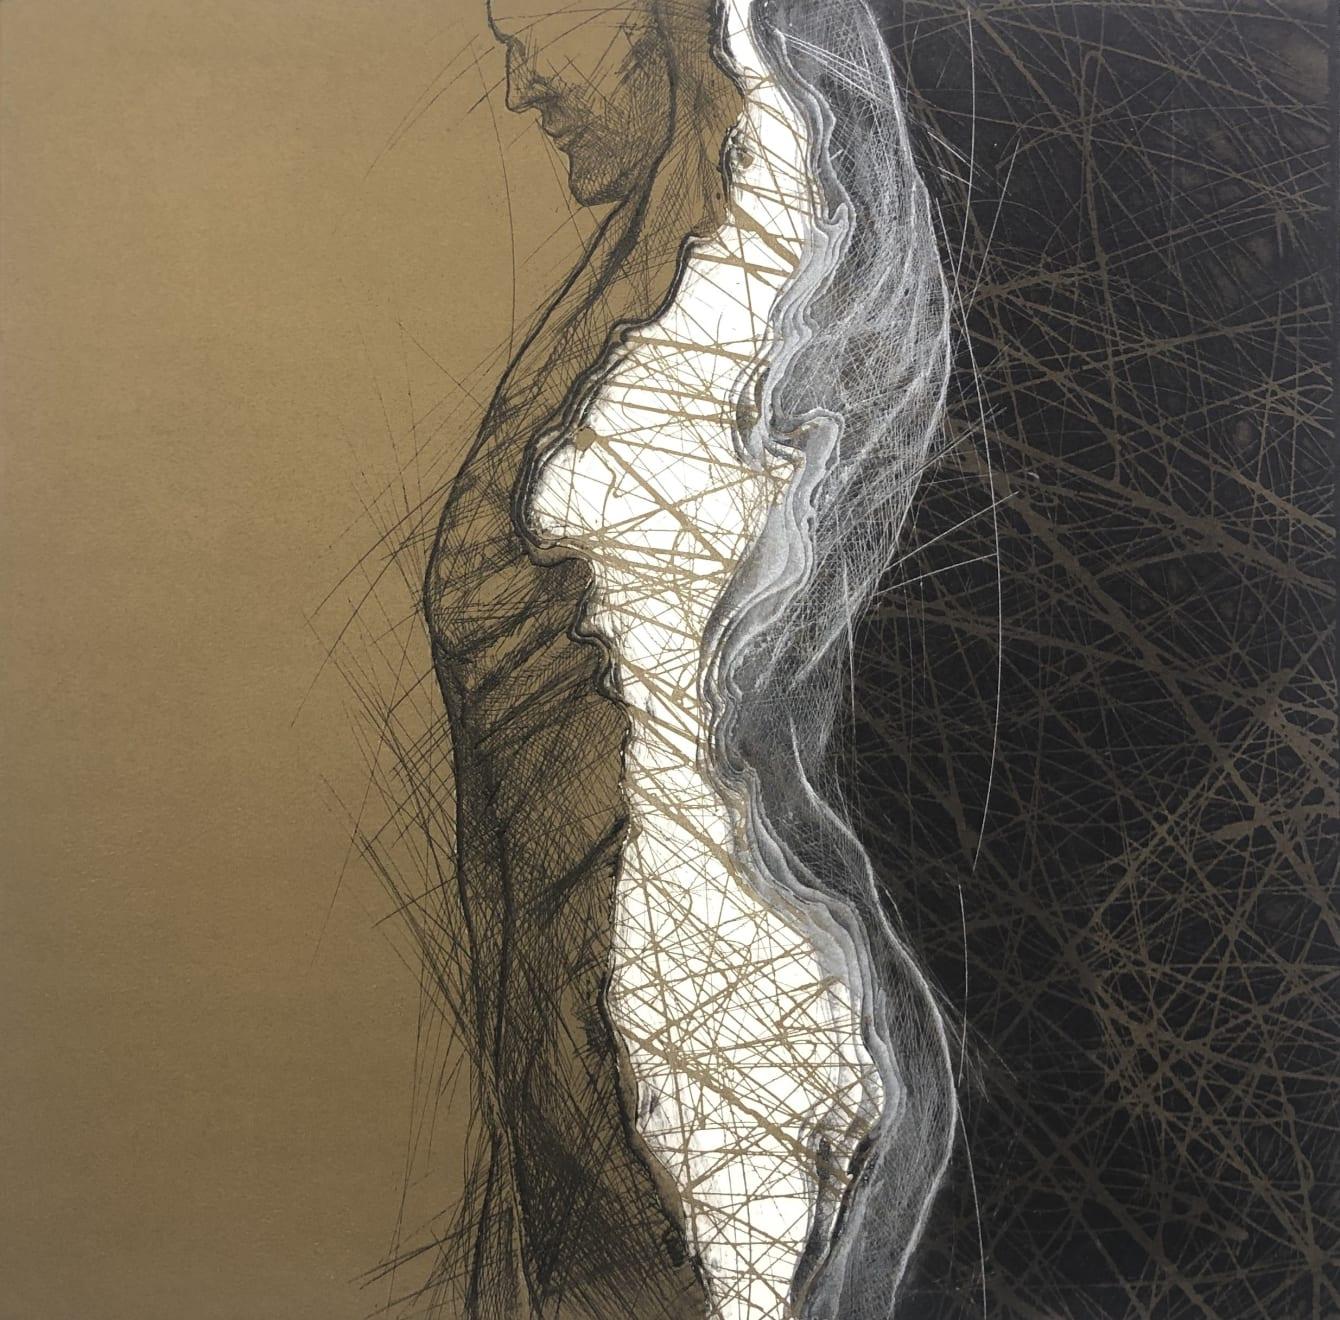 Veta Gorner, Vessel III, 2012